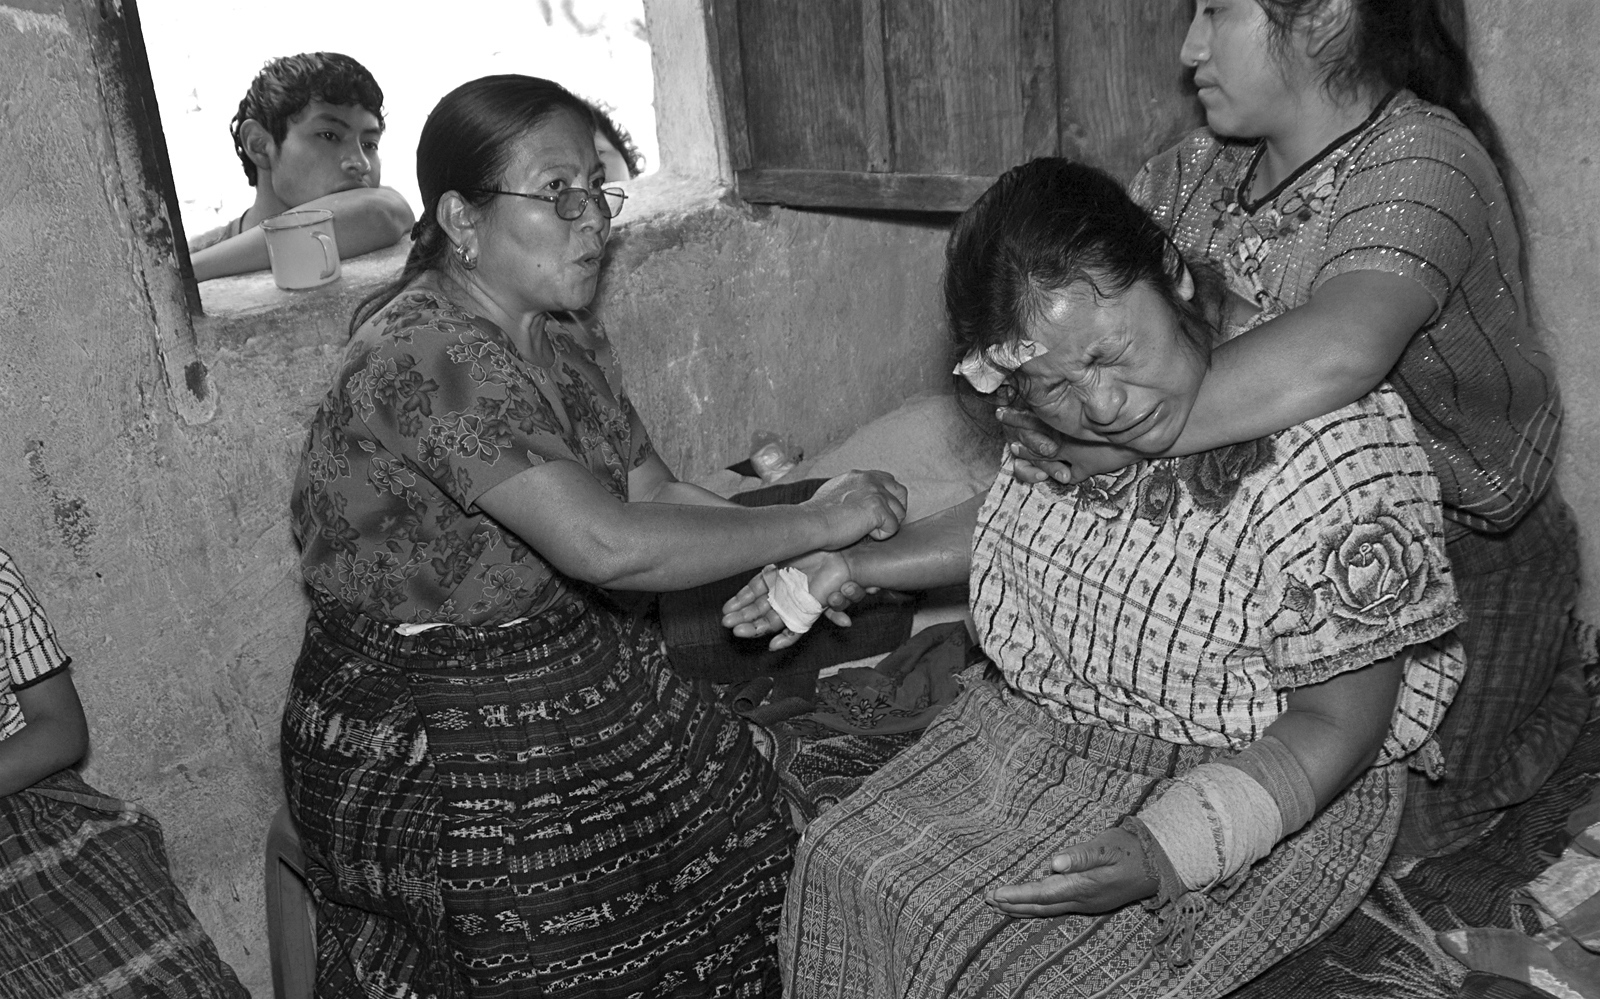 Berta Navichoc, bonesetterhealing Marta Mendoza Damianafter she fell froma truck